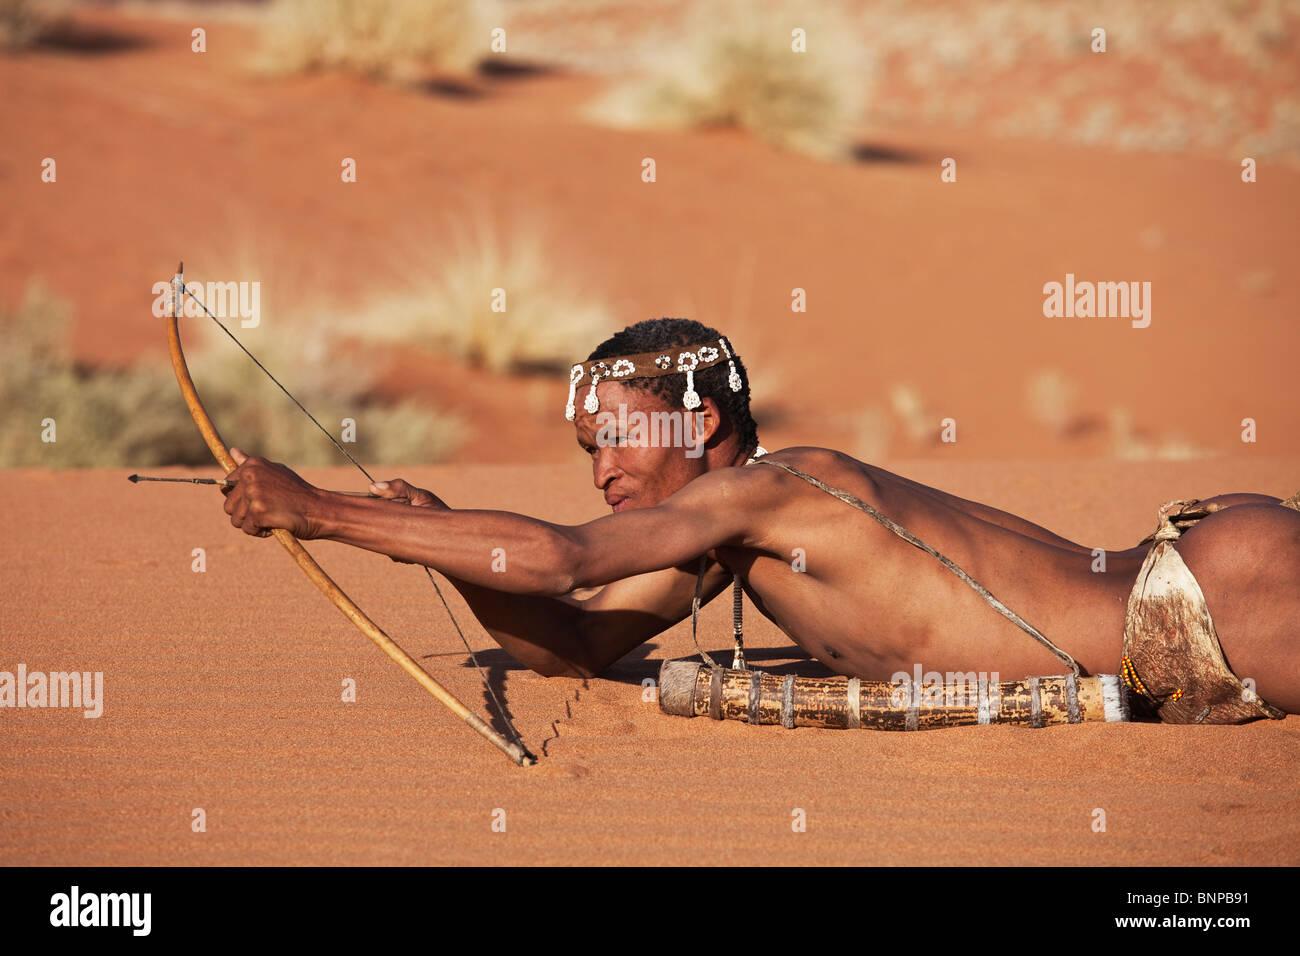 Bushman/peuple San. San mâles armés de chasseur à l'arc traditionnel. Photo Stock